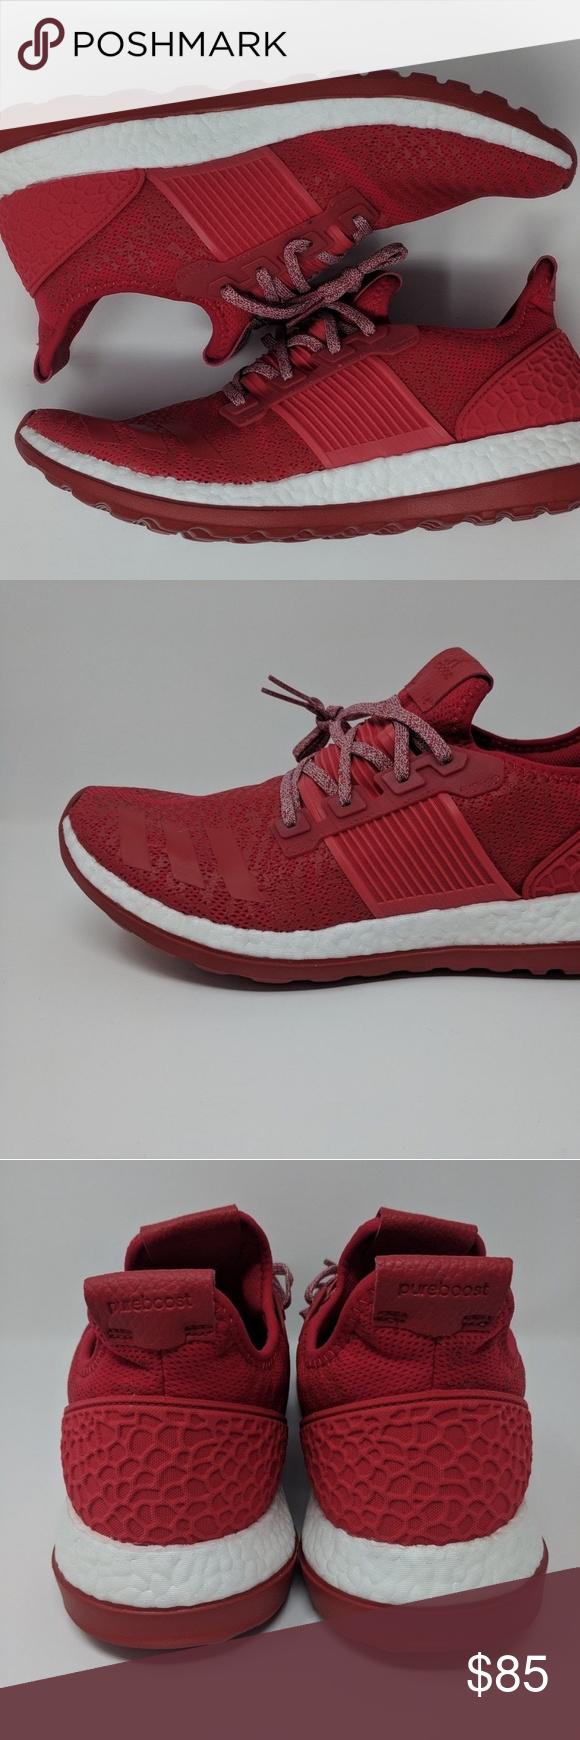 9d0a3f0d3fdf2 Adidas Pure Boost ZG Red Men s Shoe BA8453